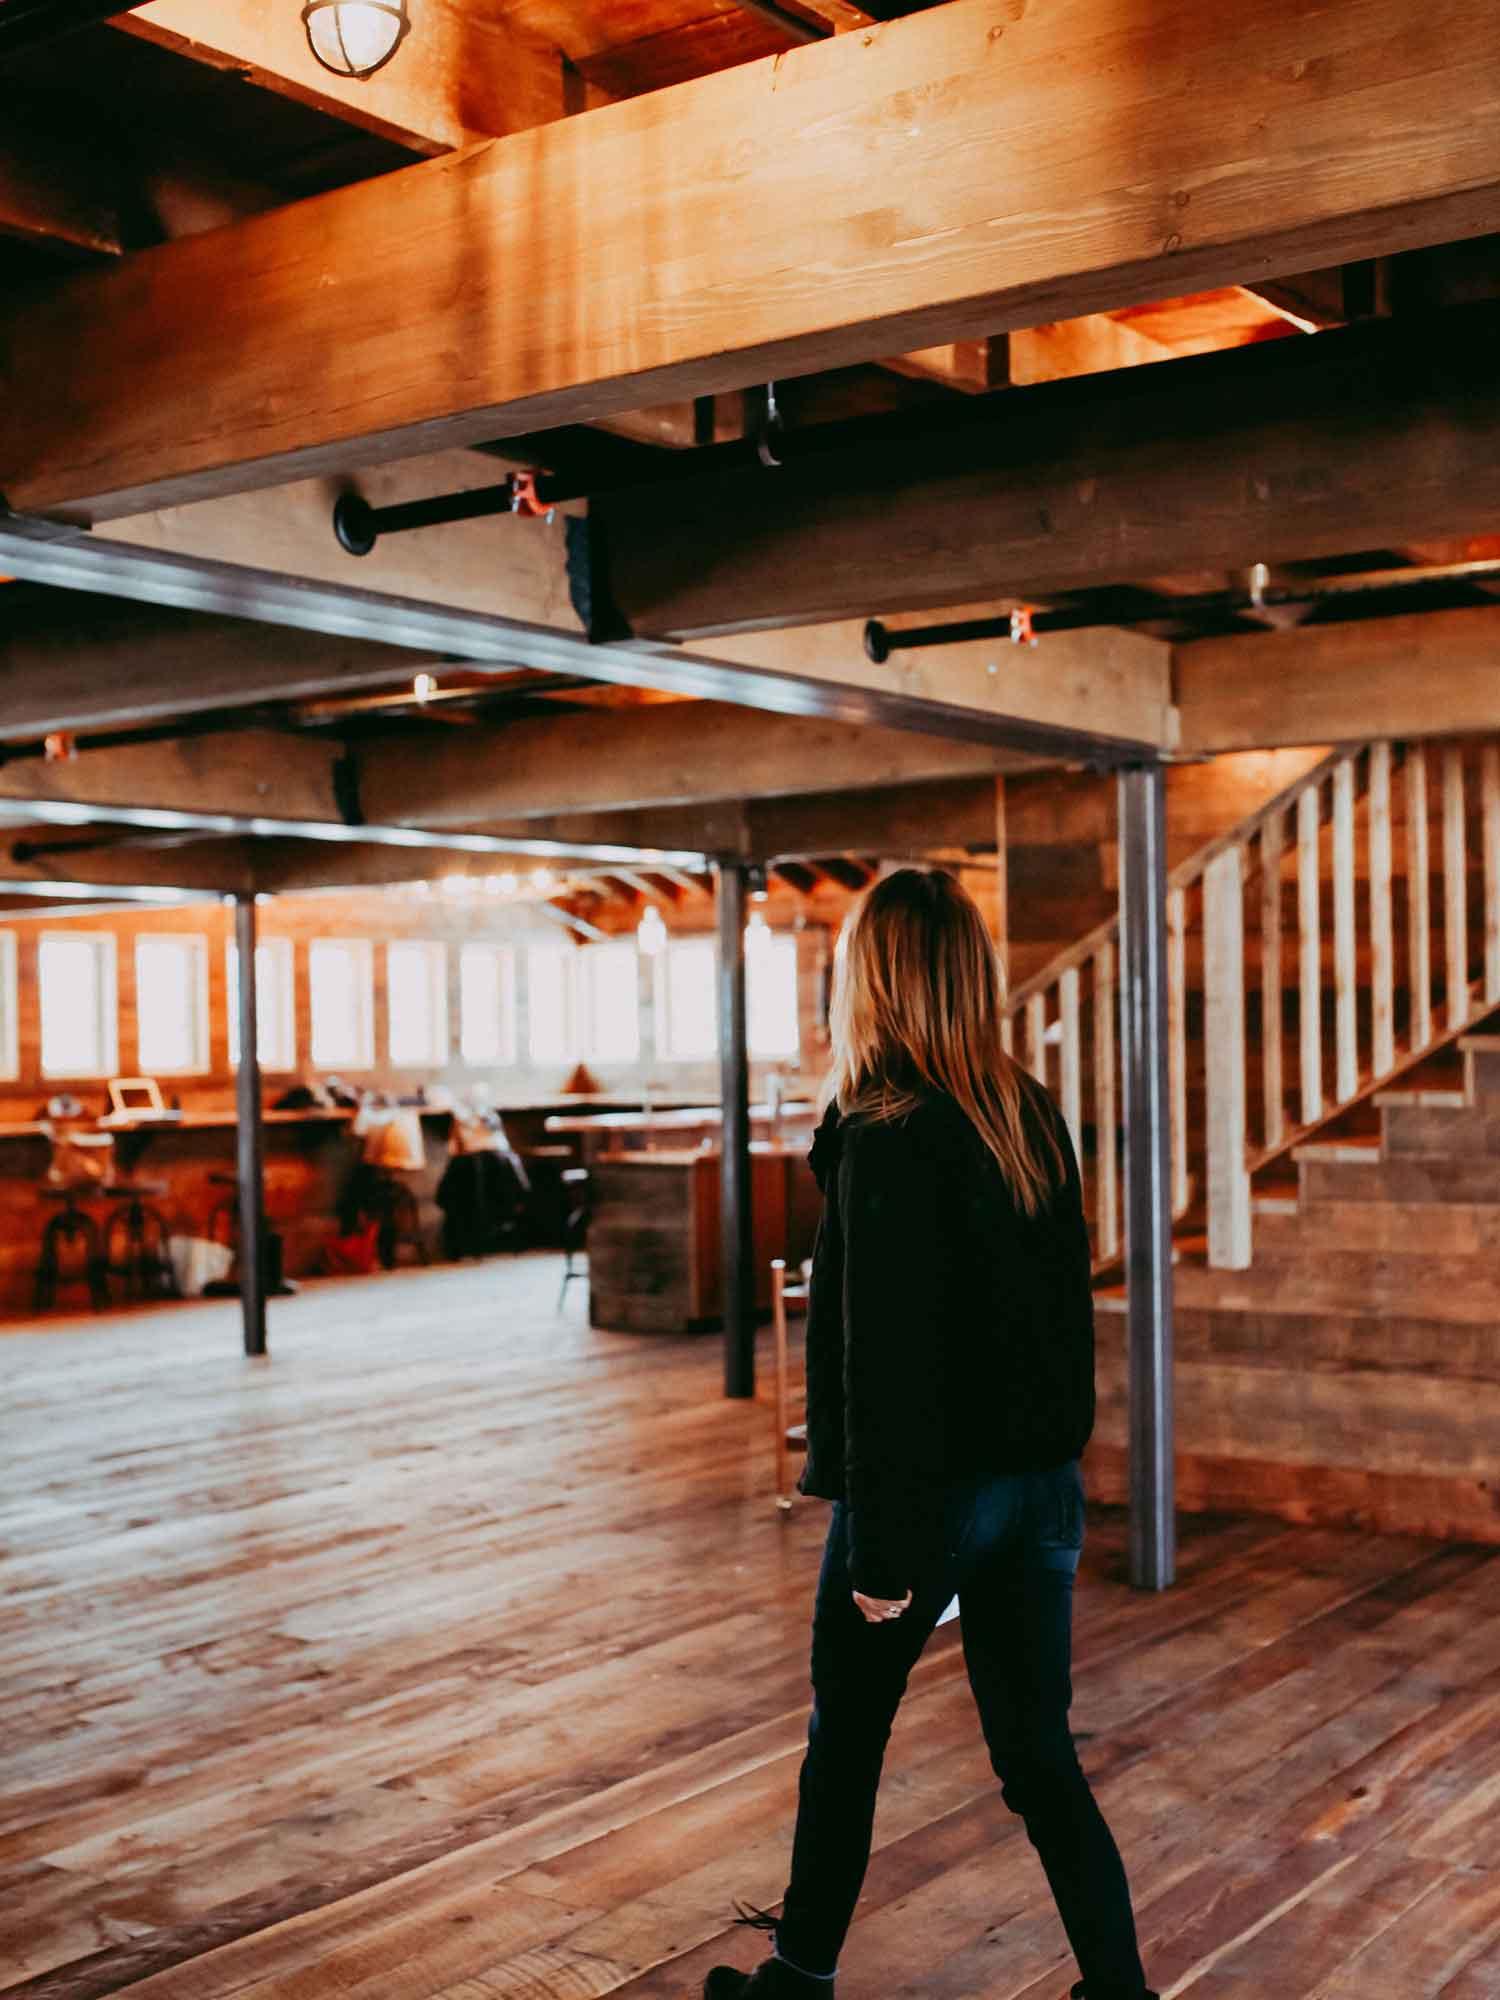 StairEntrance_DaretoDetour.jpg